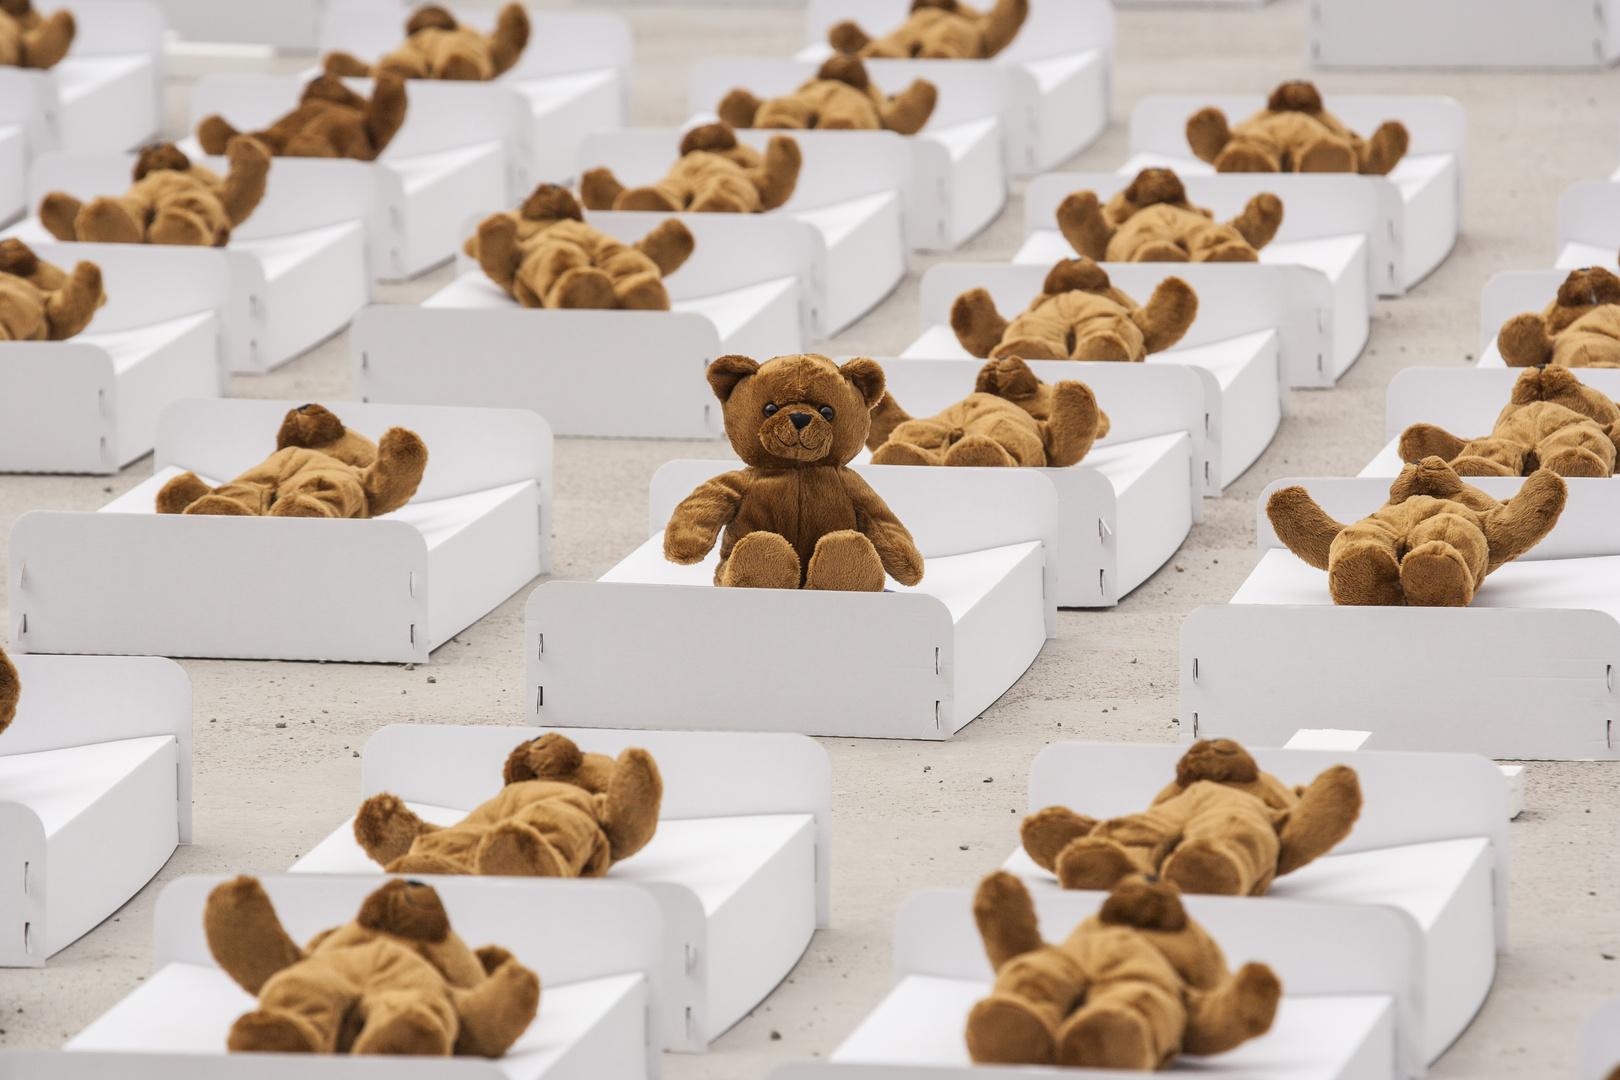 Massensterben der Teddybären 1